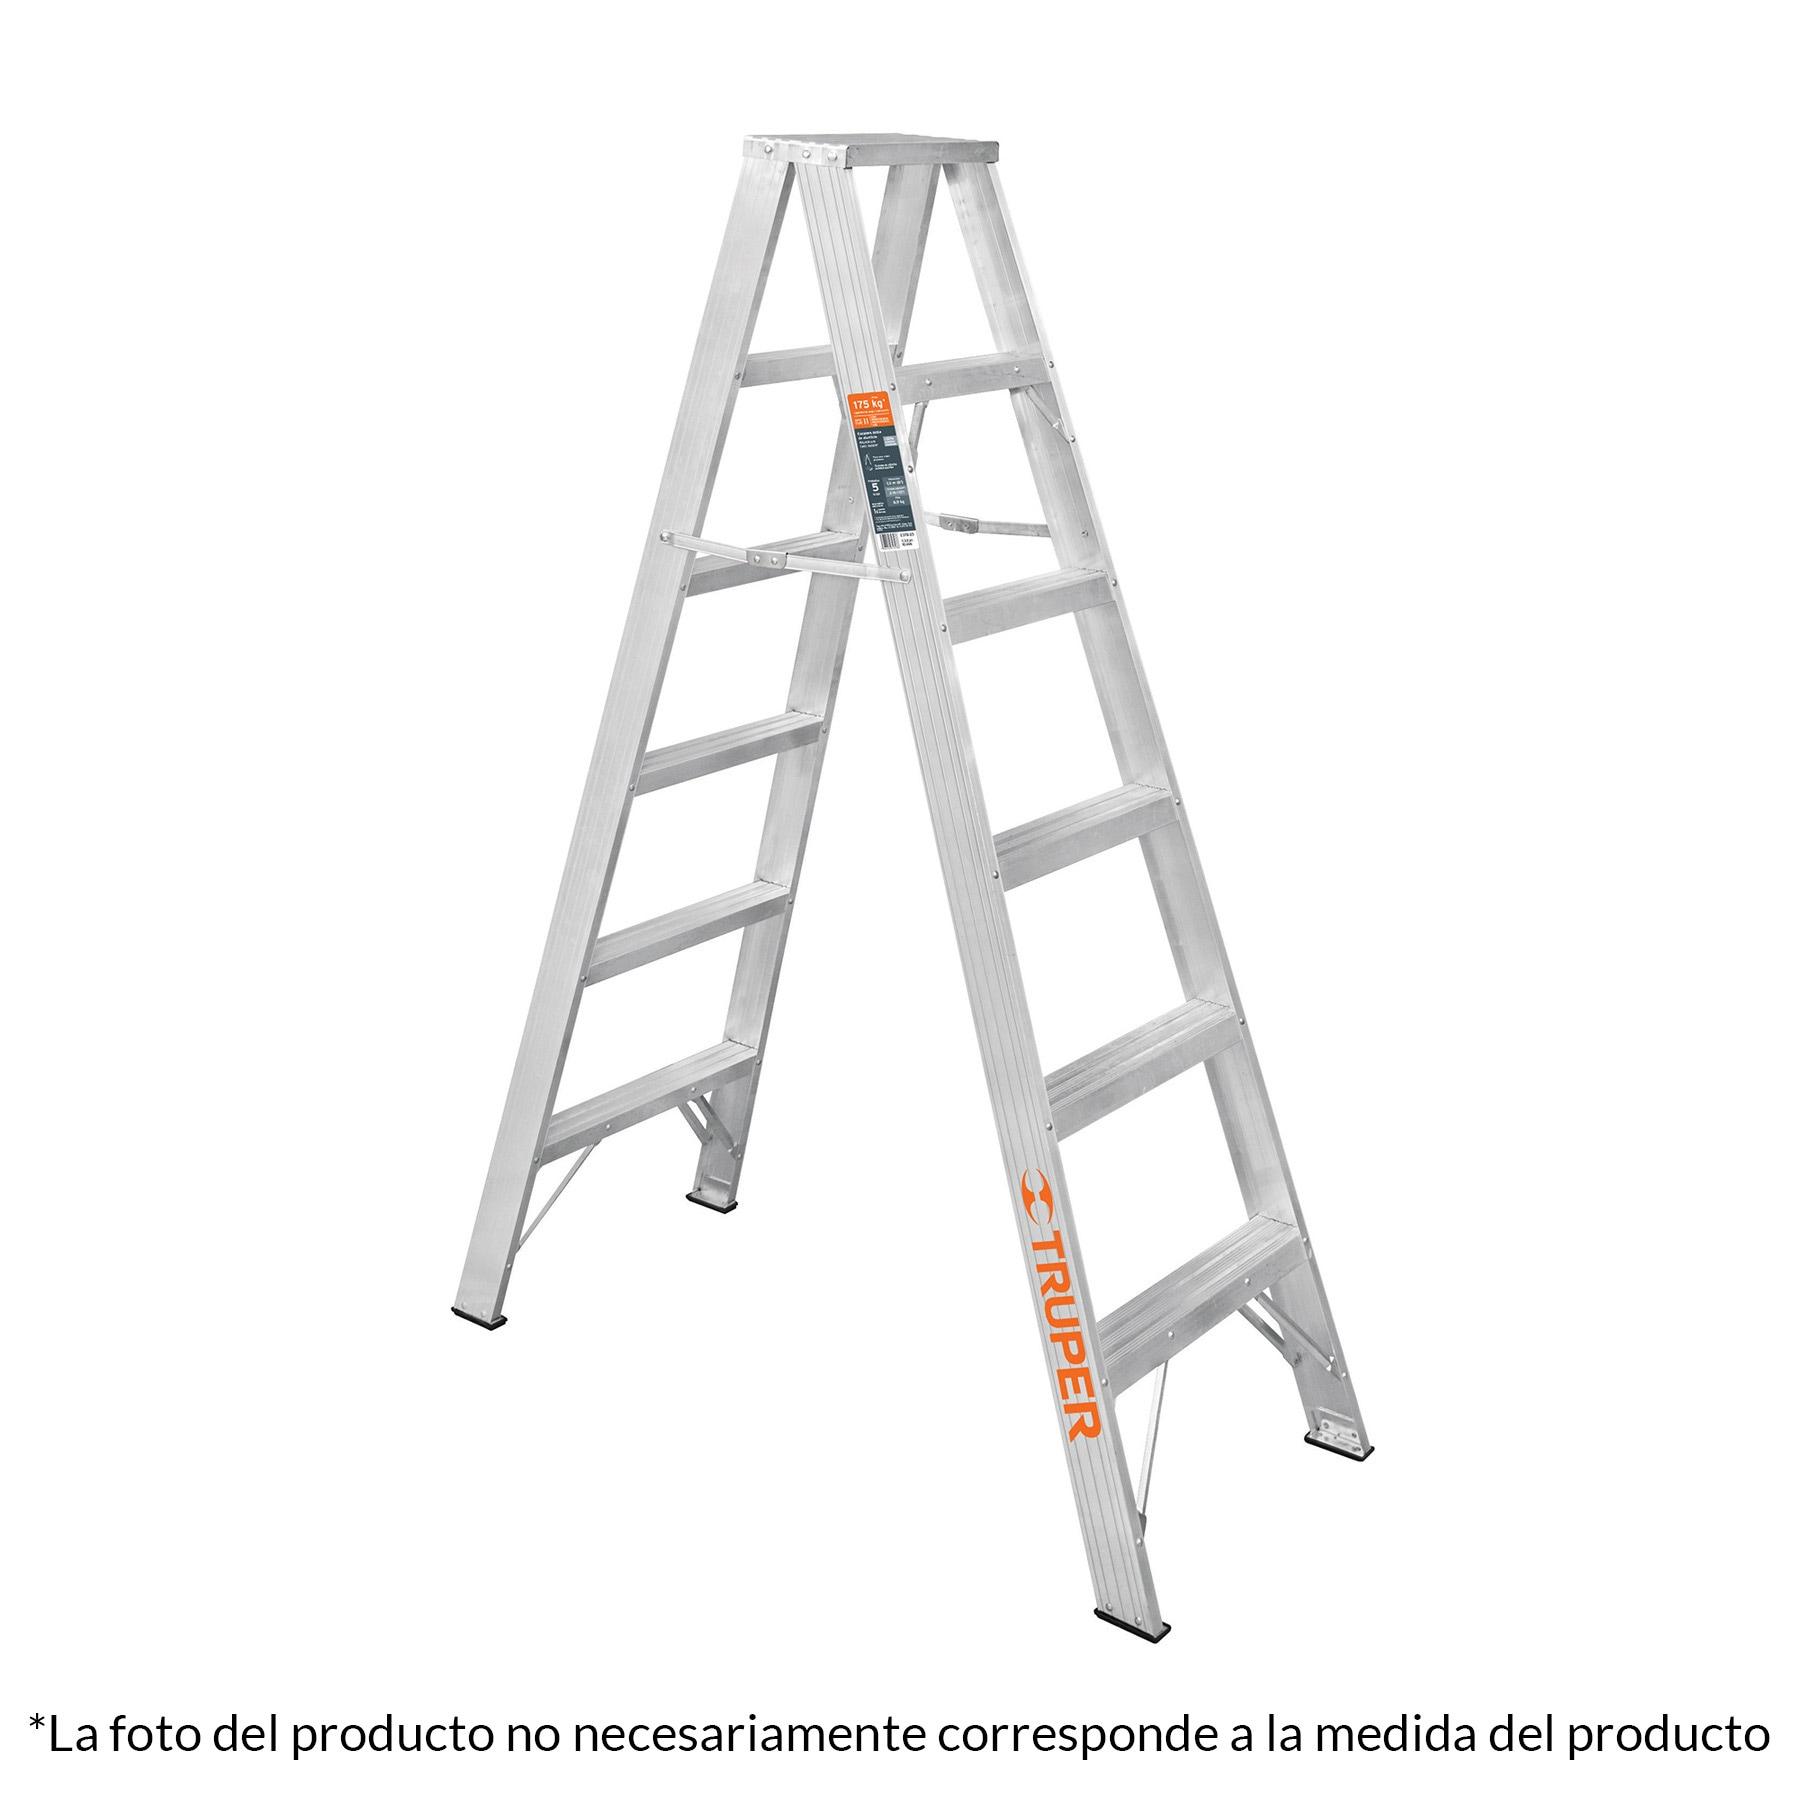 Escalera de tijera doble, tipo ll, 6 escalones